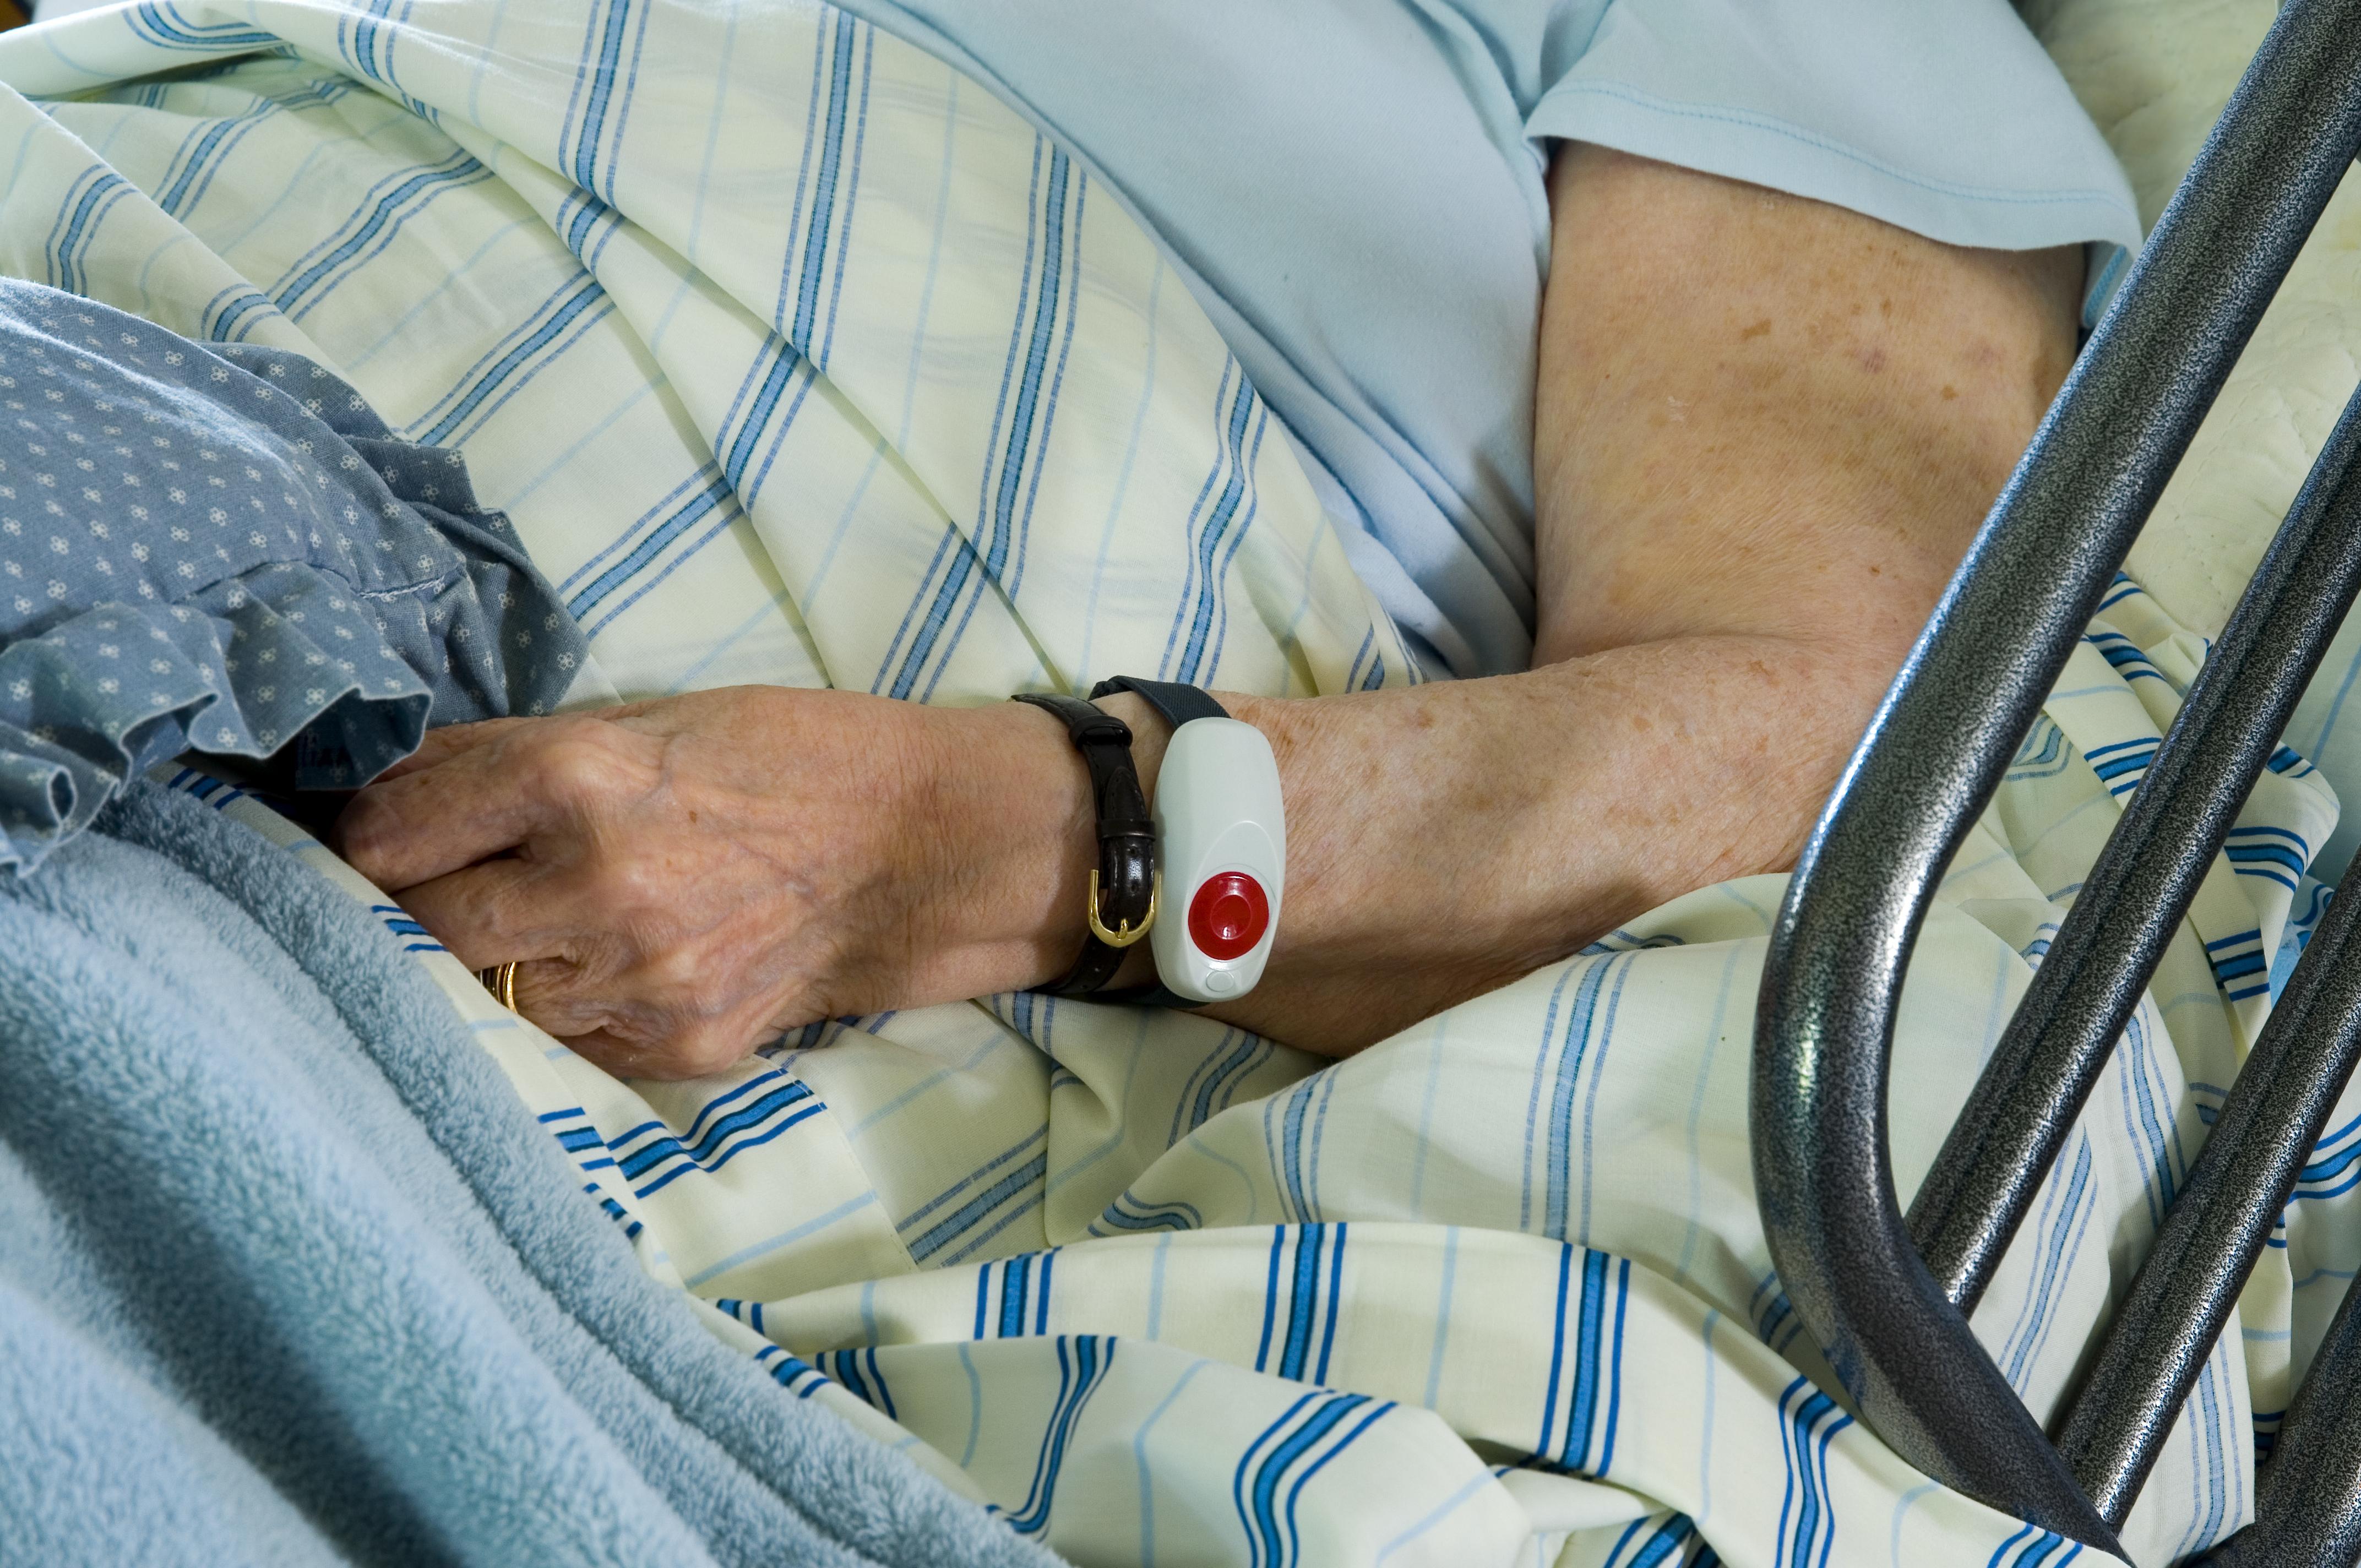 nursing-homelawyers.com